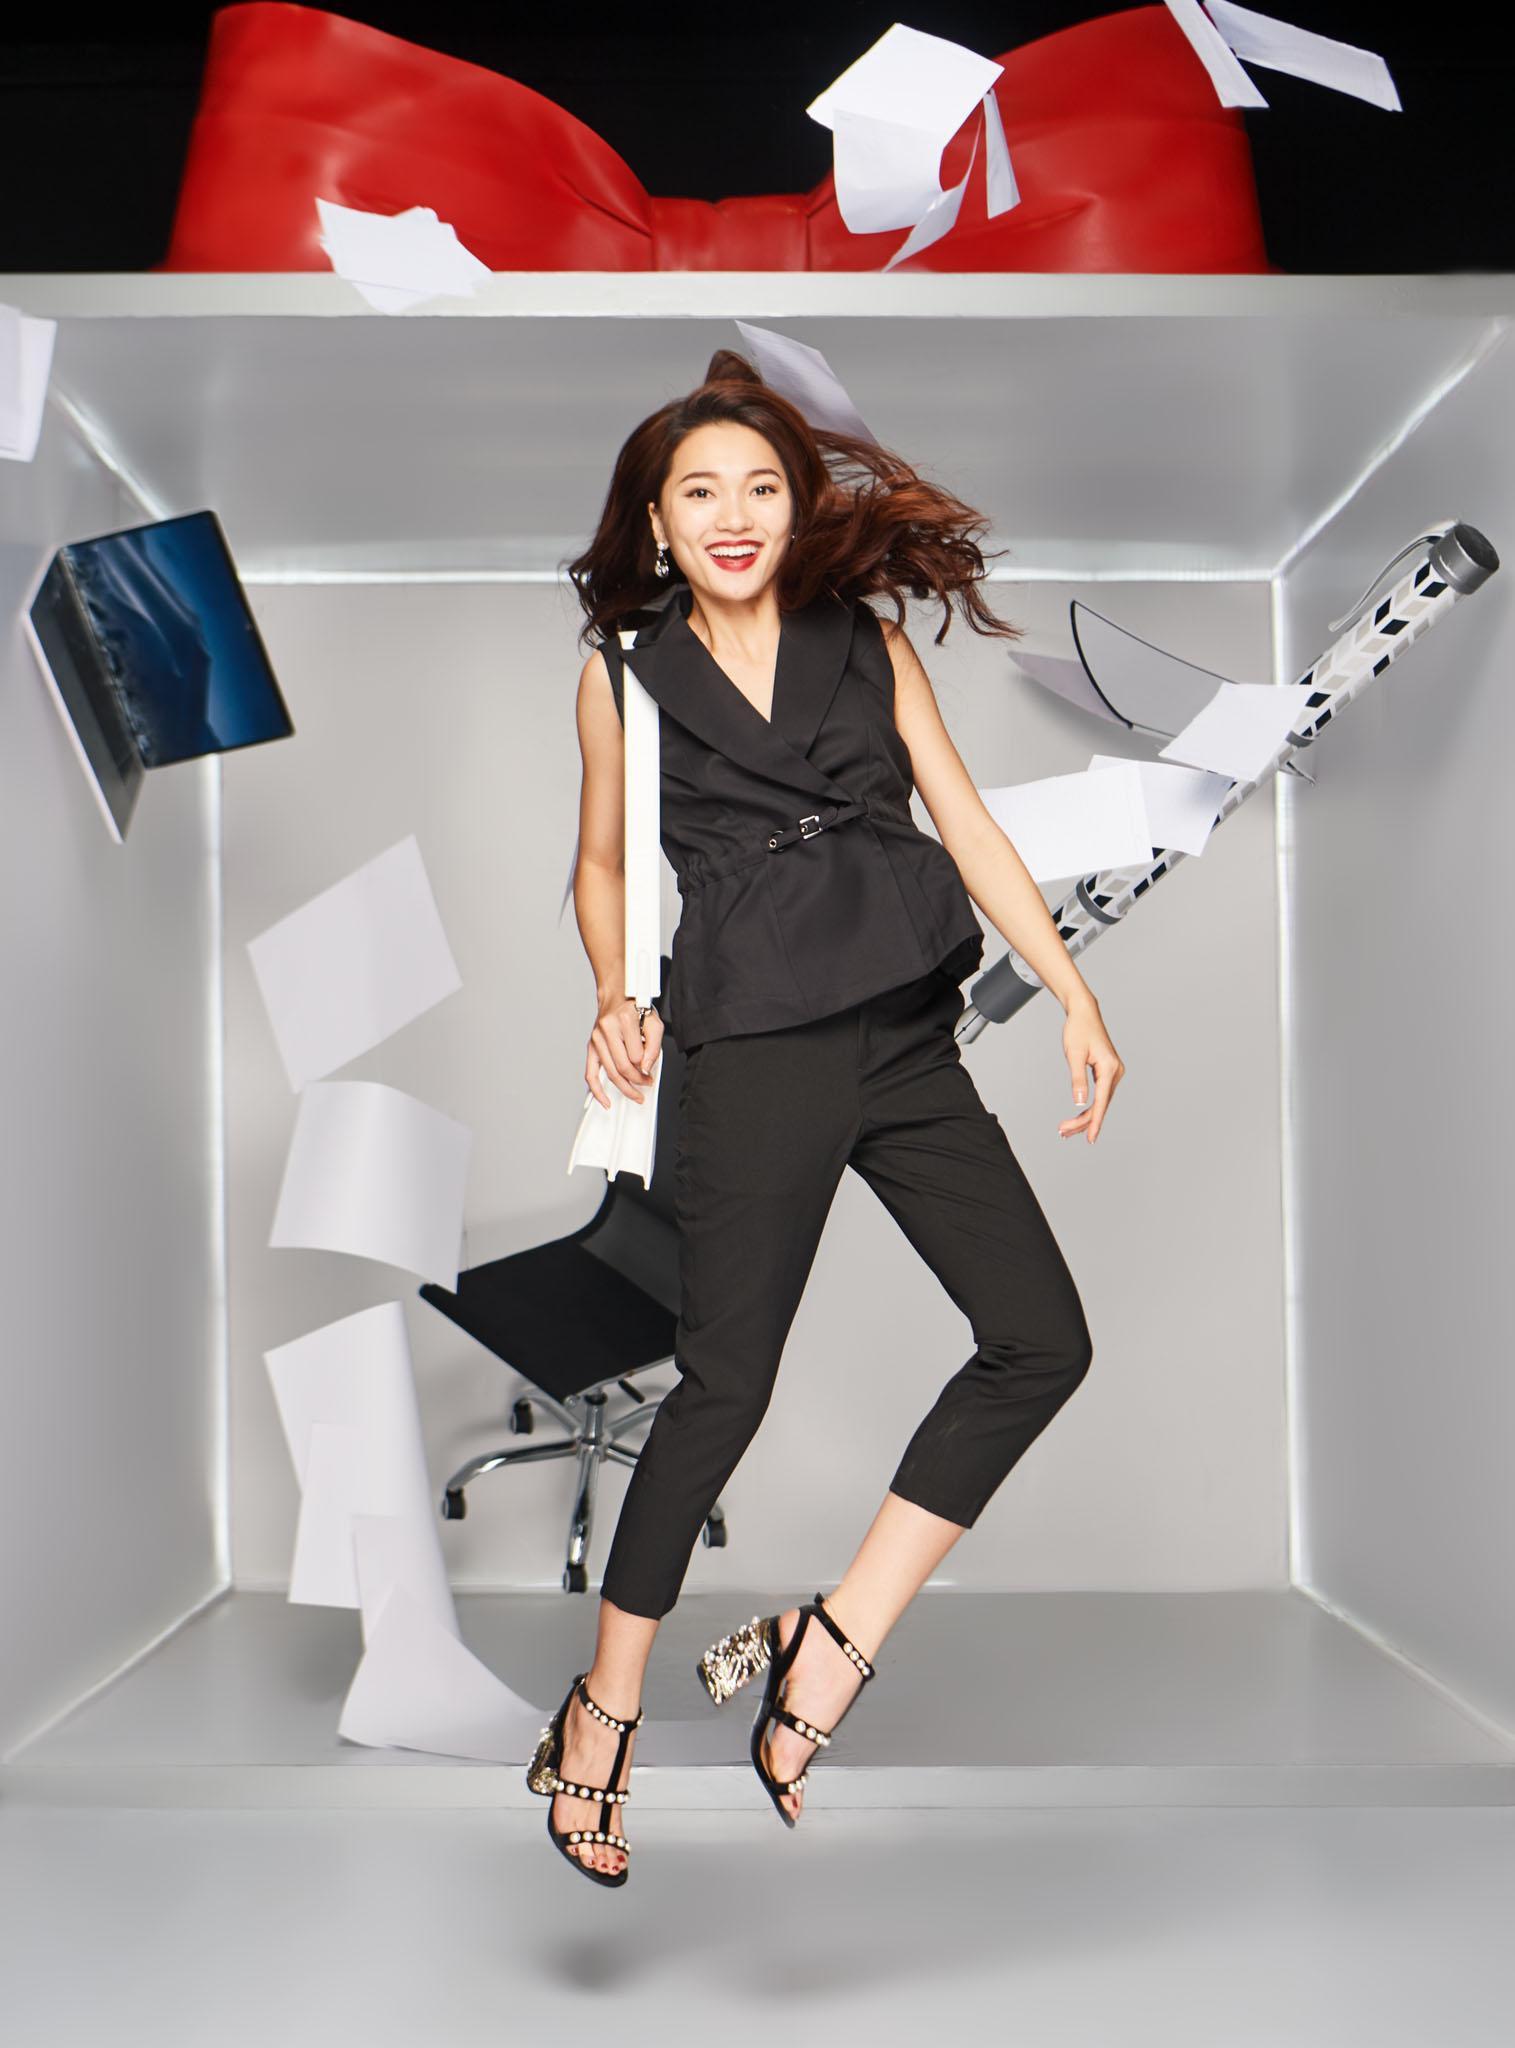 Làn gió mới cho thời trang công sở với những chuyển động cá tính - Ảnh 2.